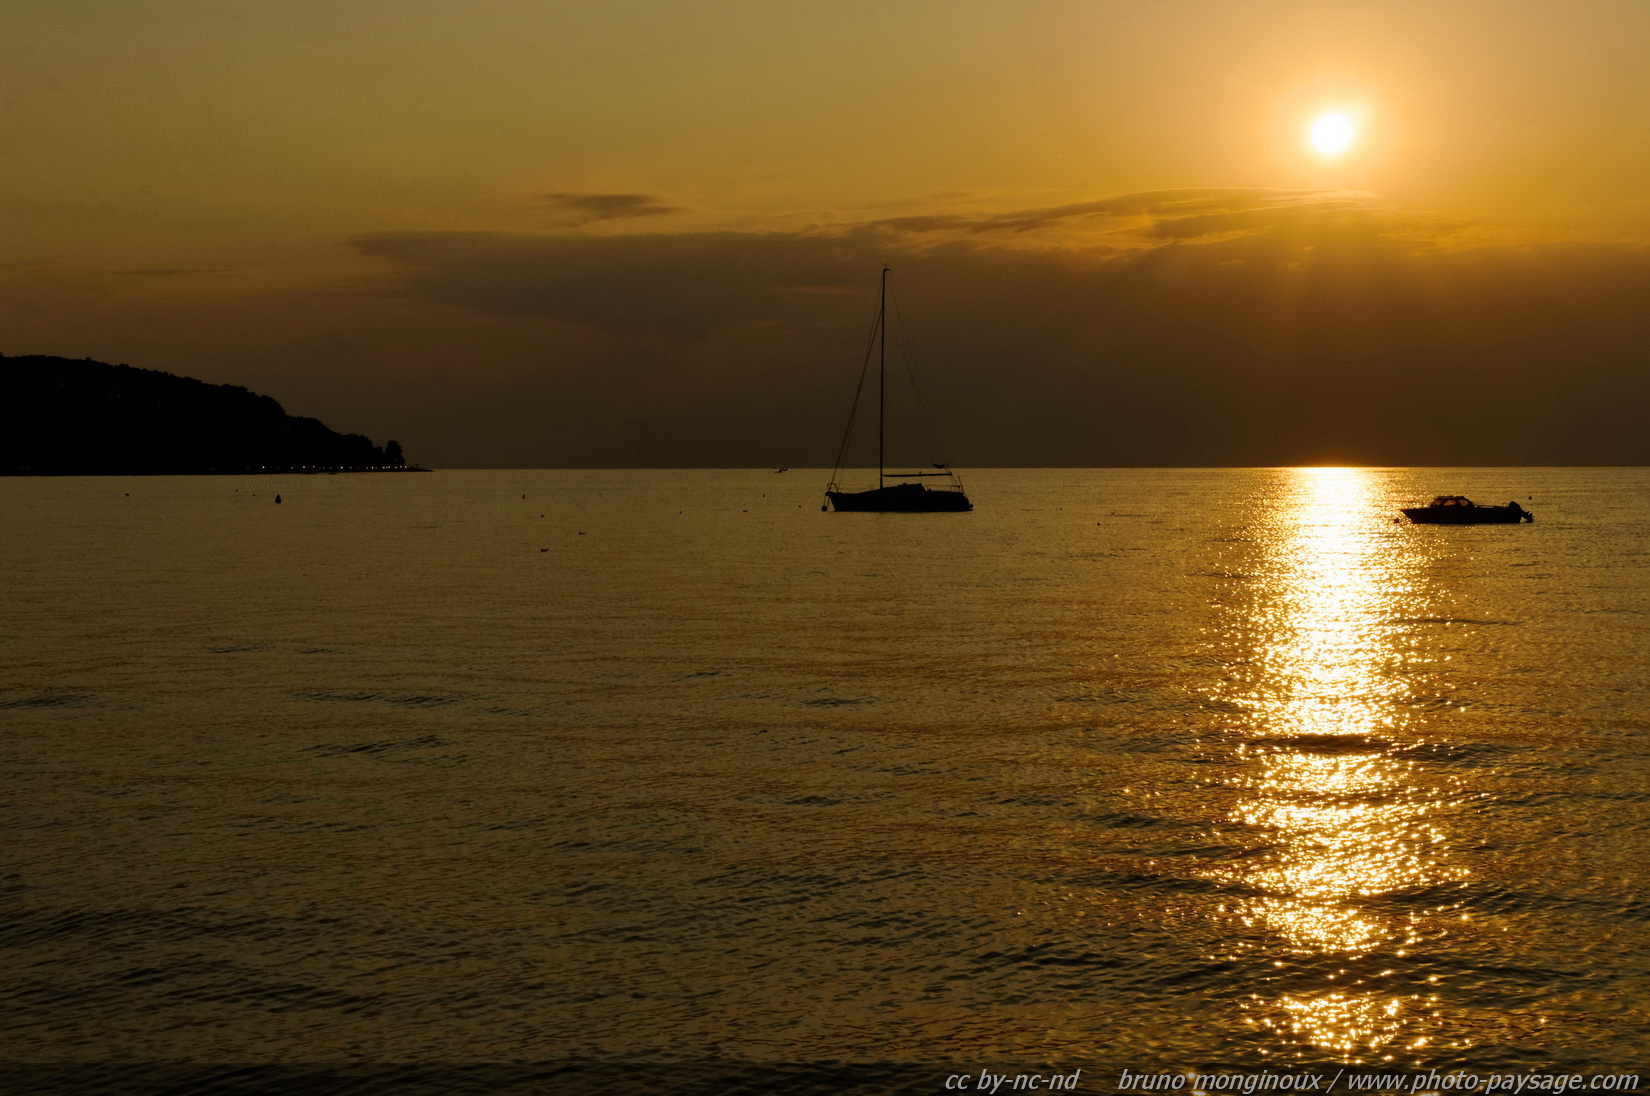 Bateau le blog de photo - Fond ecran coucher de soleil sur la mer ...